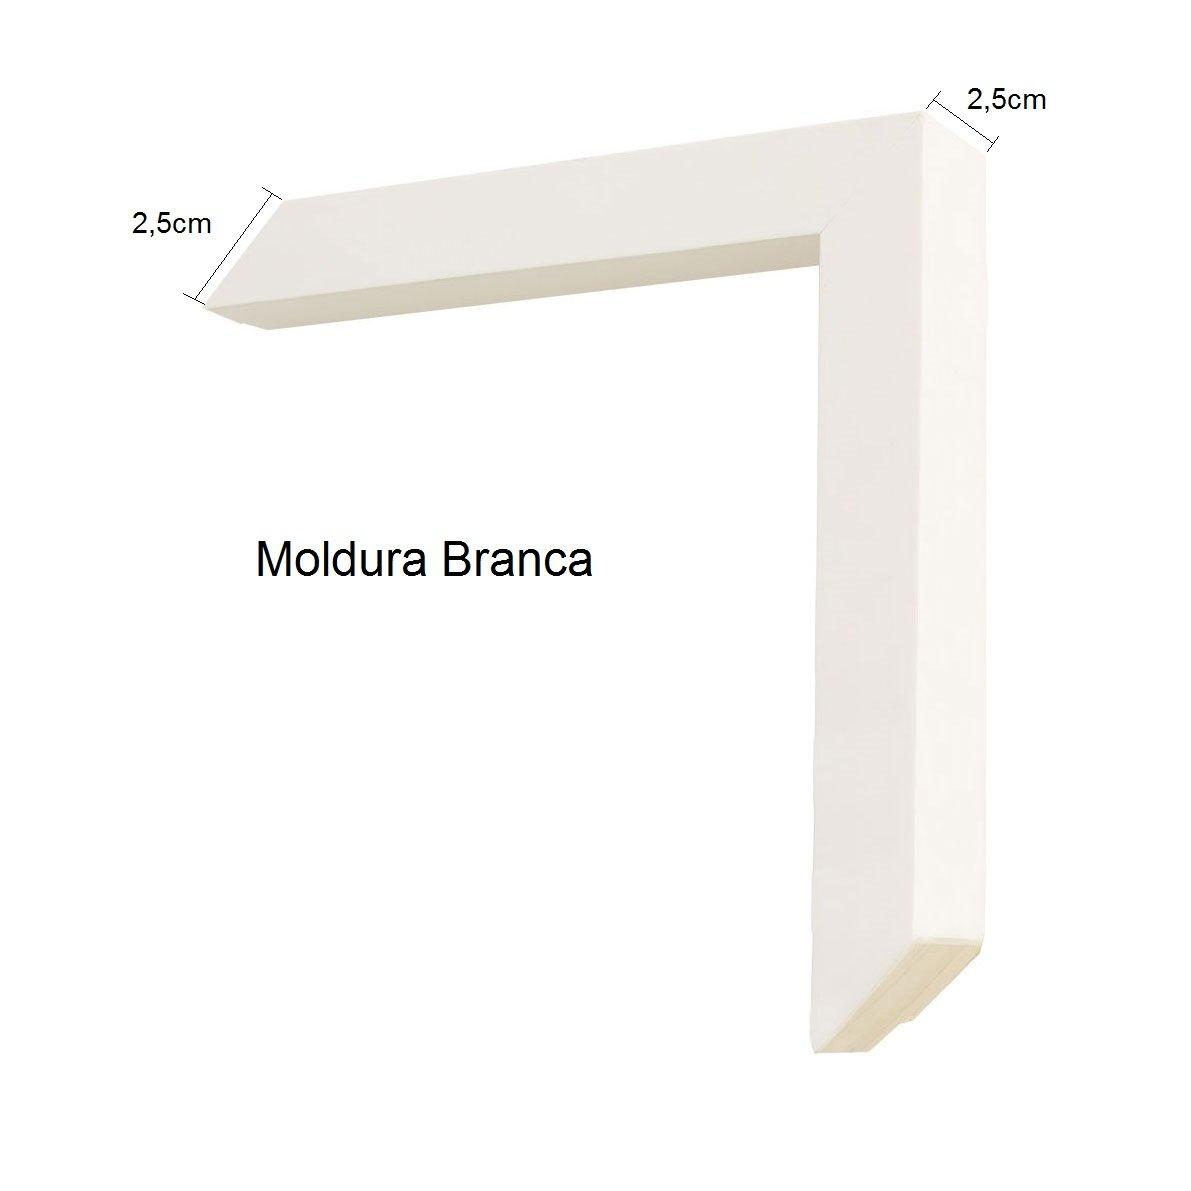 Moldura branca com 2,5 cm de frente por 2,5 cm de profundidade.